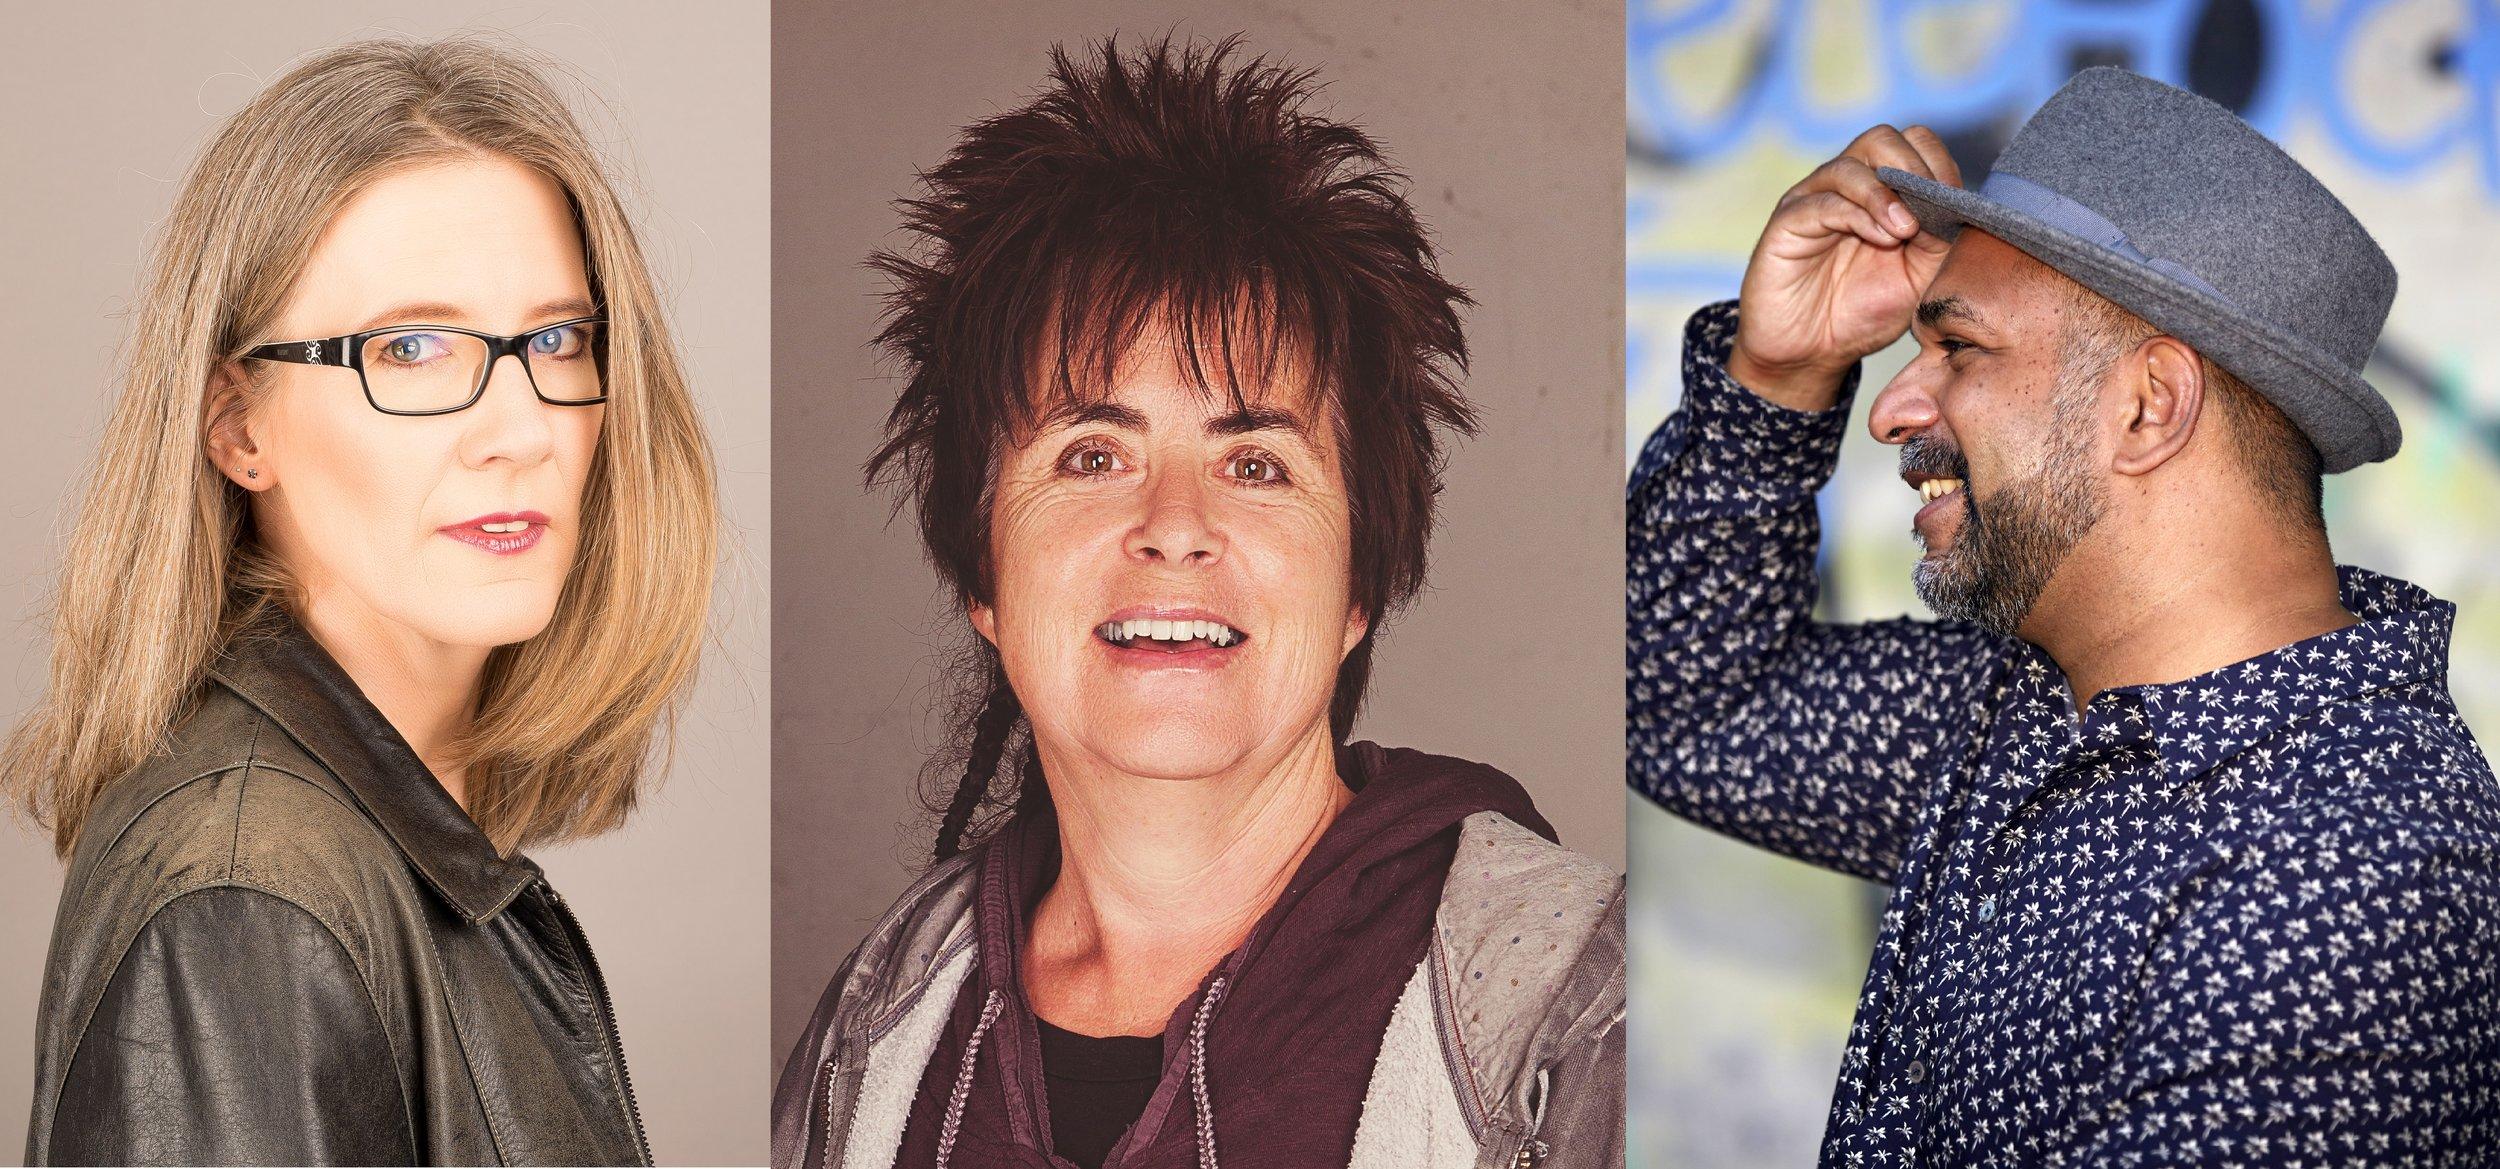 V.l.n.r.: Petra Ivanov (Chris Marogg), Alice Gabathuler (zVg), Sunil Mann (Renate Wernli).